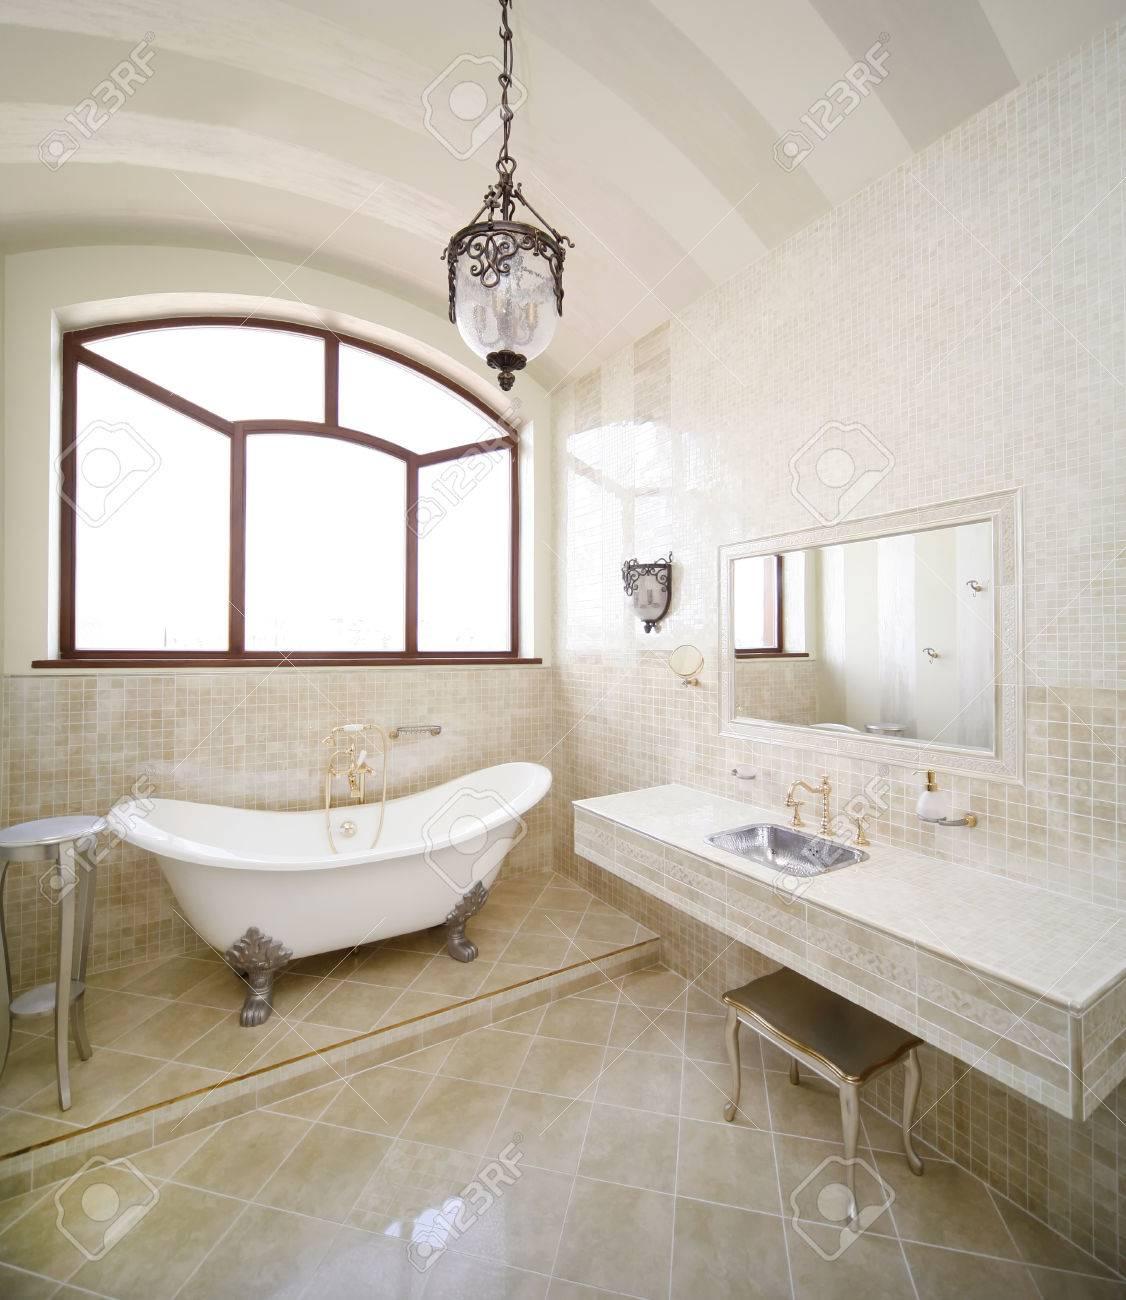 Vintage Salle De Bain De Couleur Beige Avec Un G Nie Sanitaire D Or